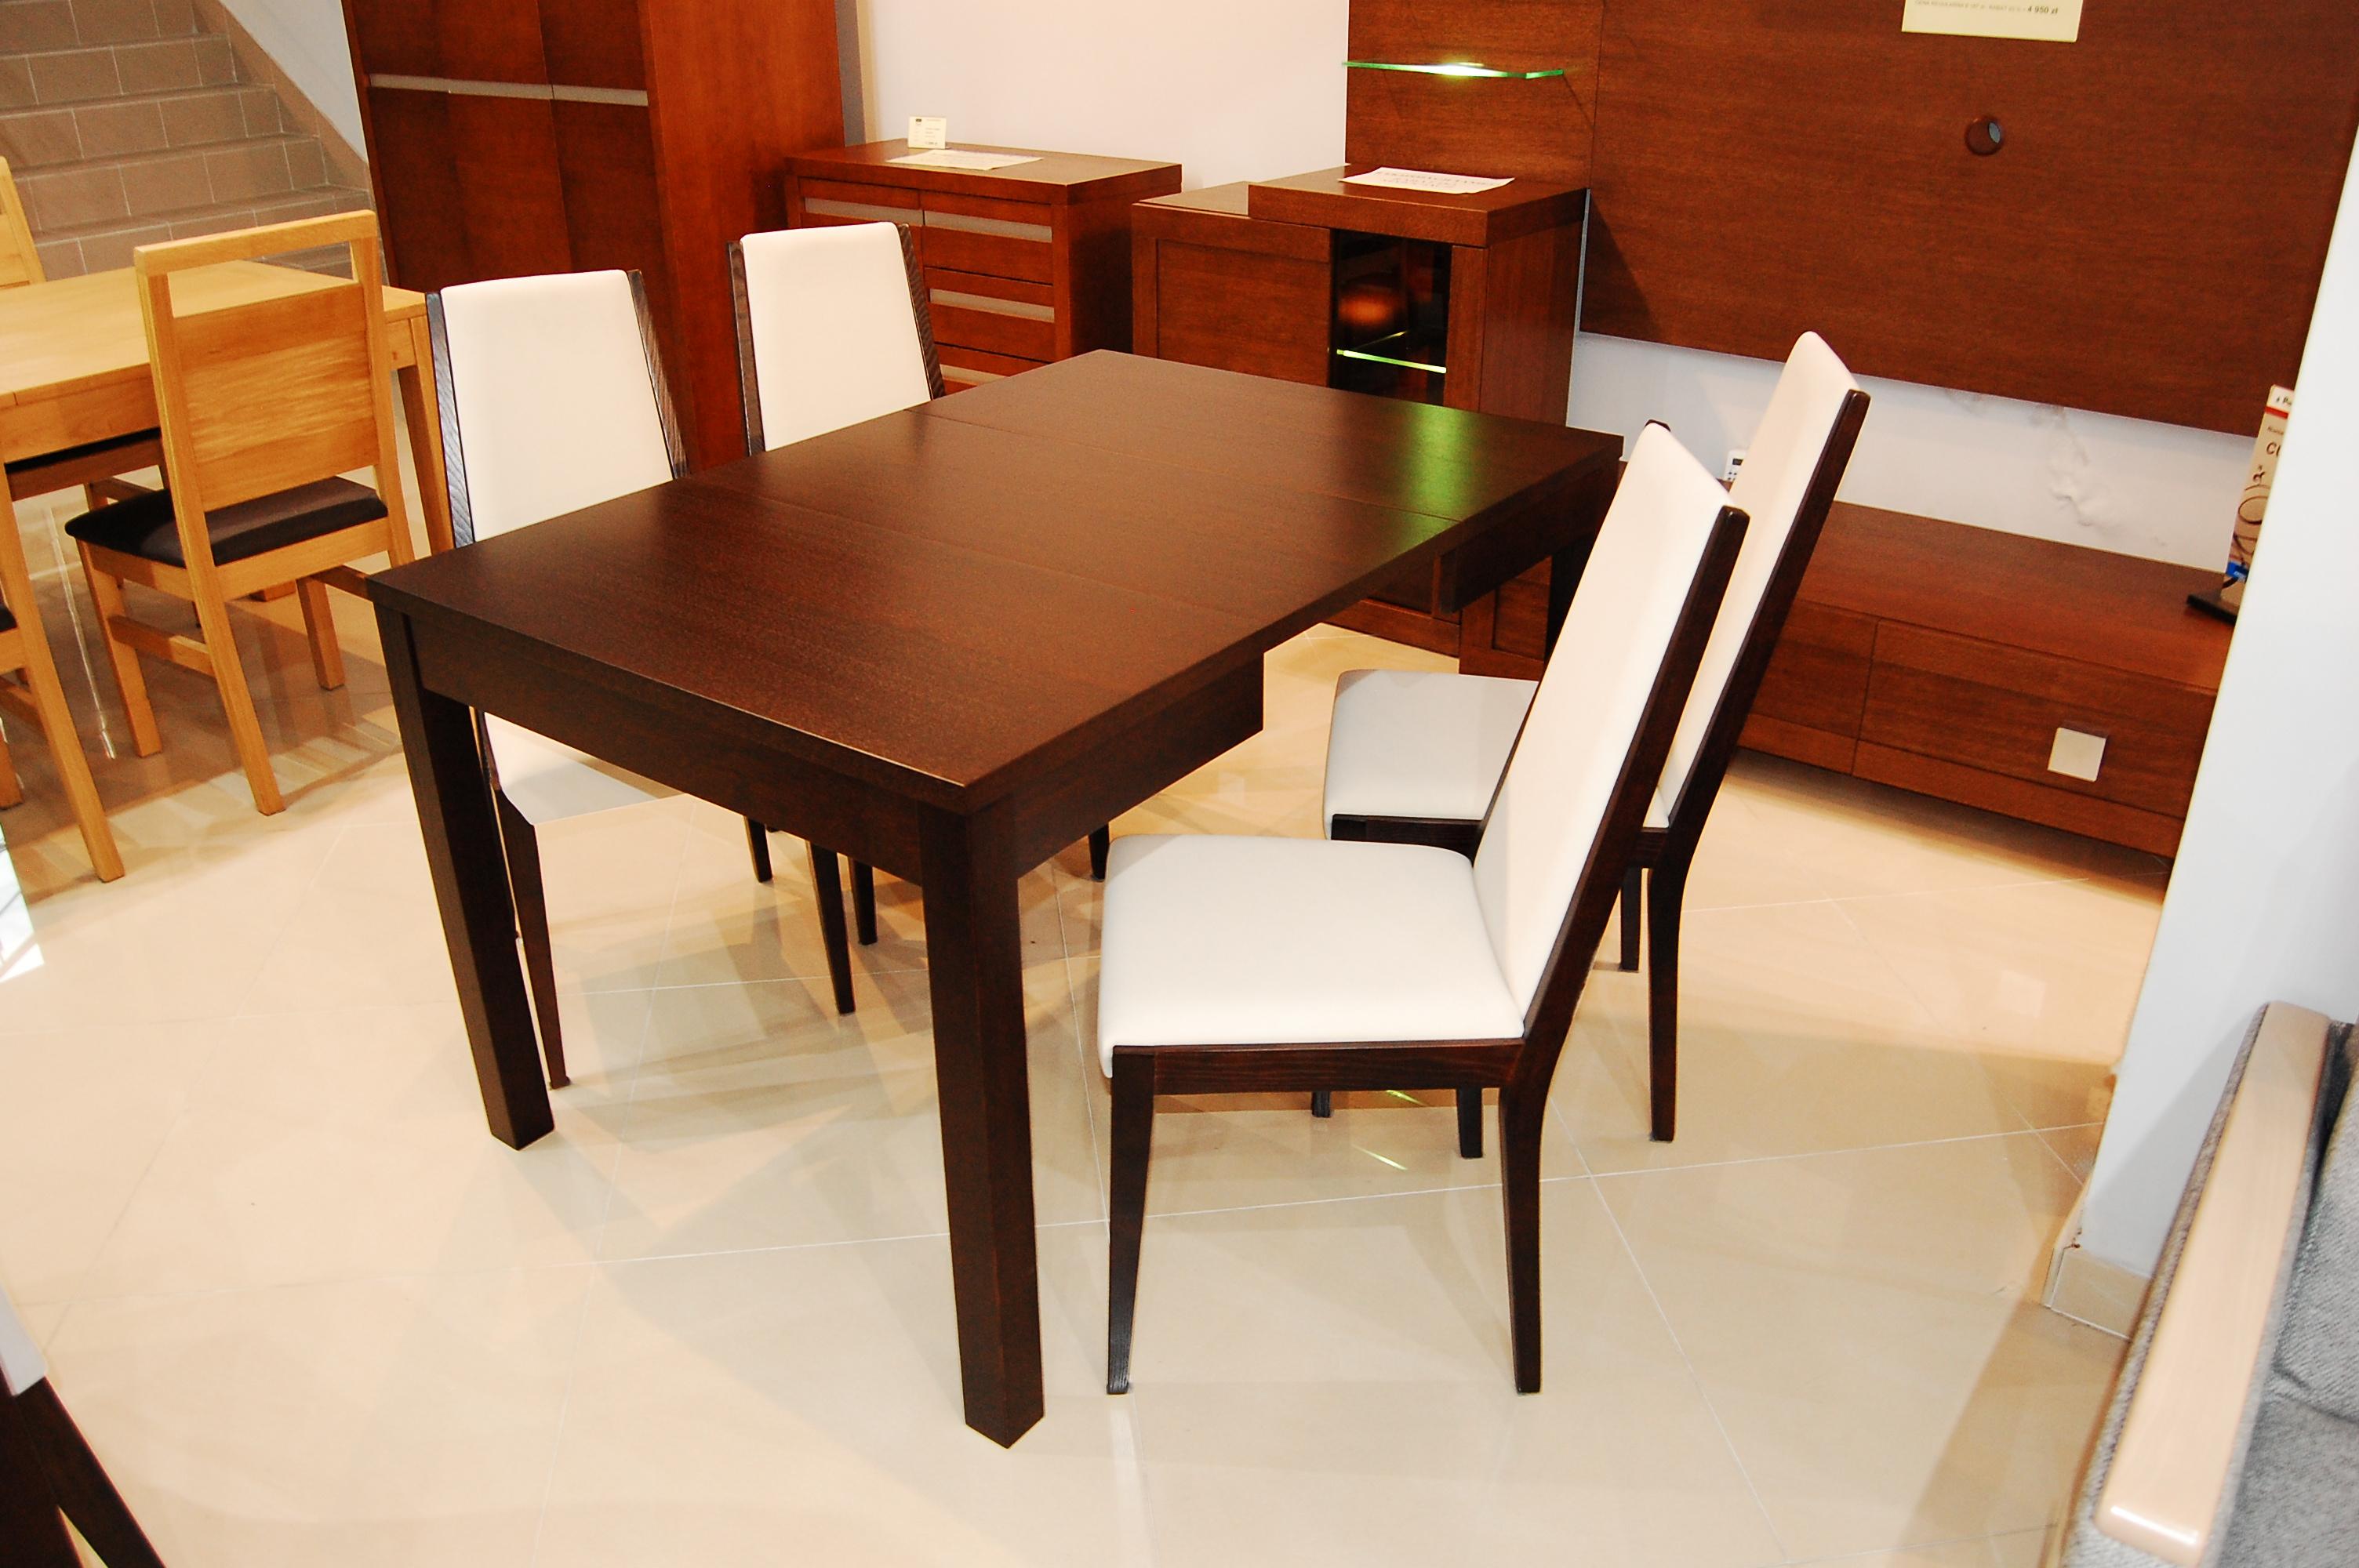 Krzesła 17 01 Firmy Bydgoskie Meble Mebel Perfekt